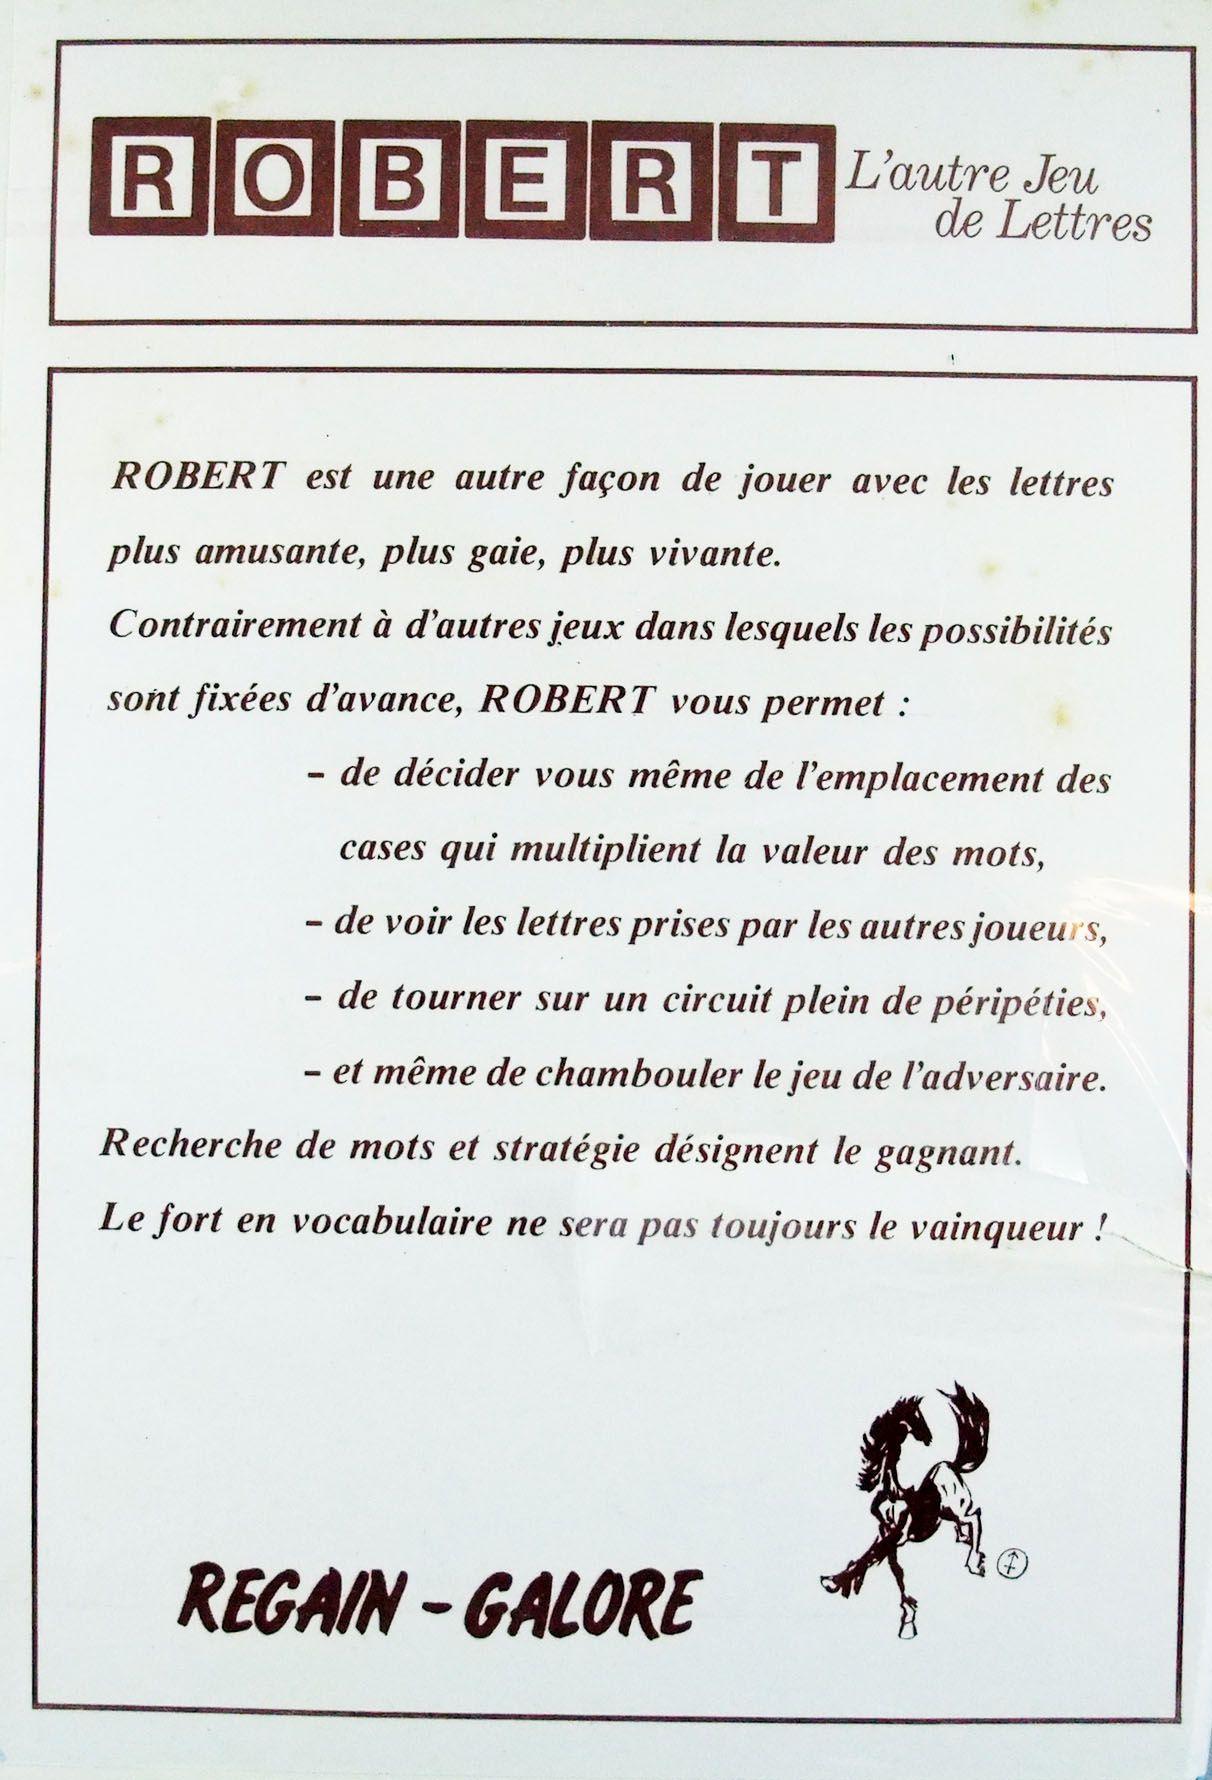 Robert L\'autre Jeu de Lettres - Jeu de société - Regain-Galore 1982